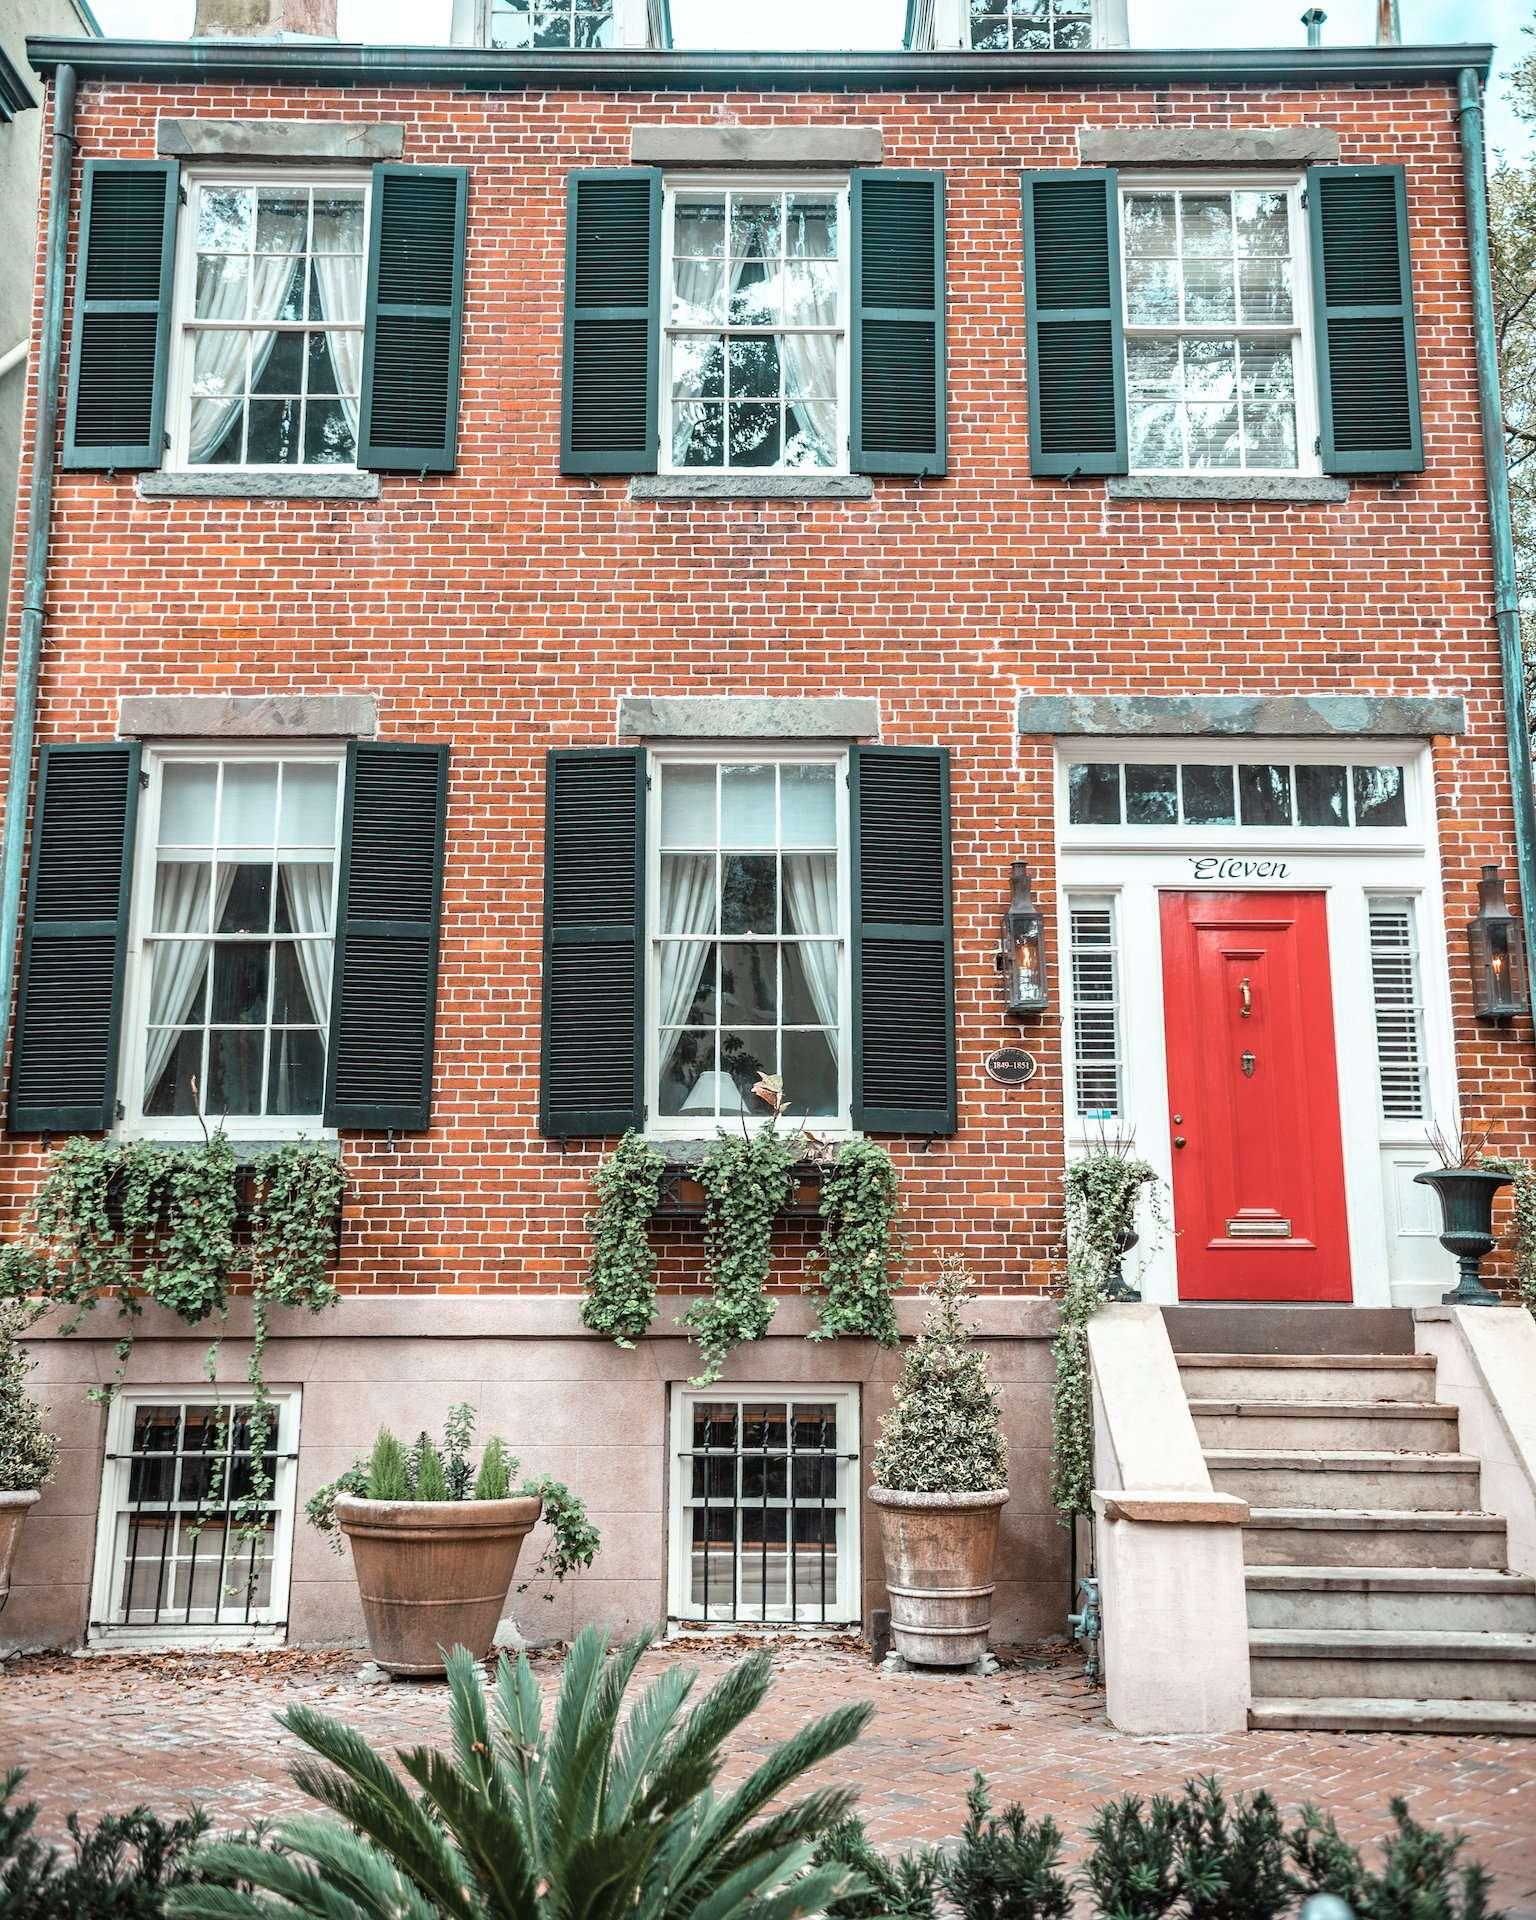 E Jones Street house with red door